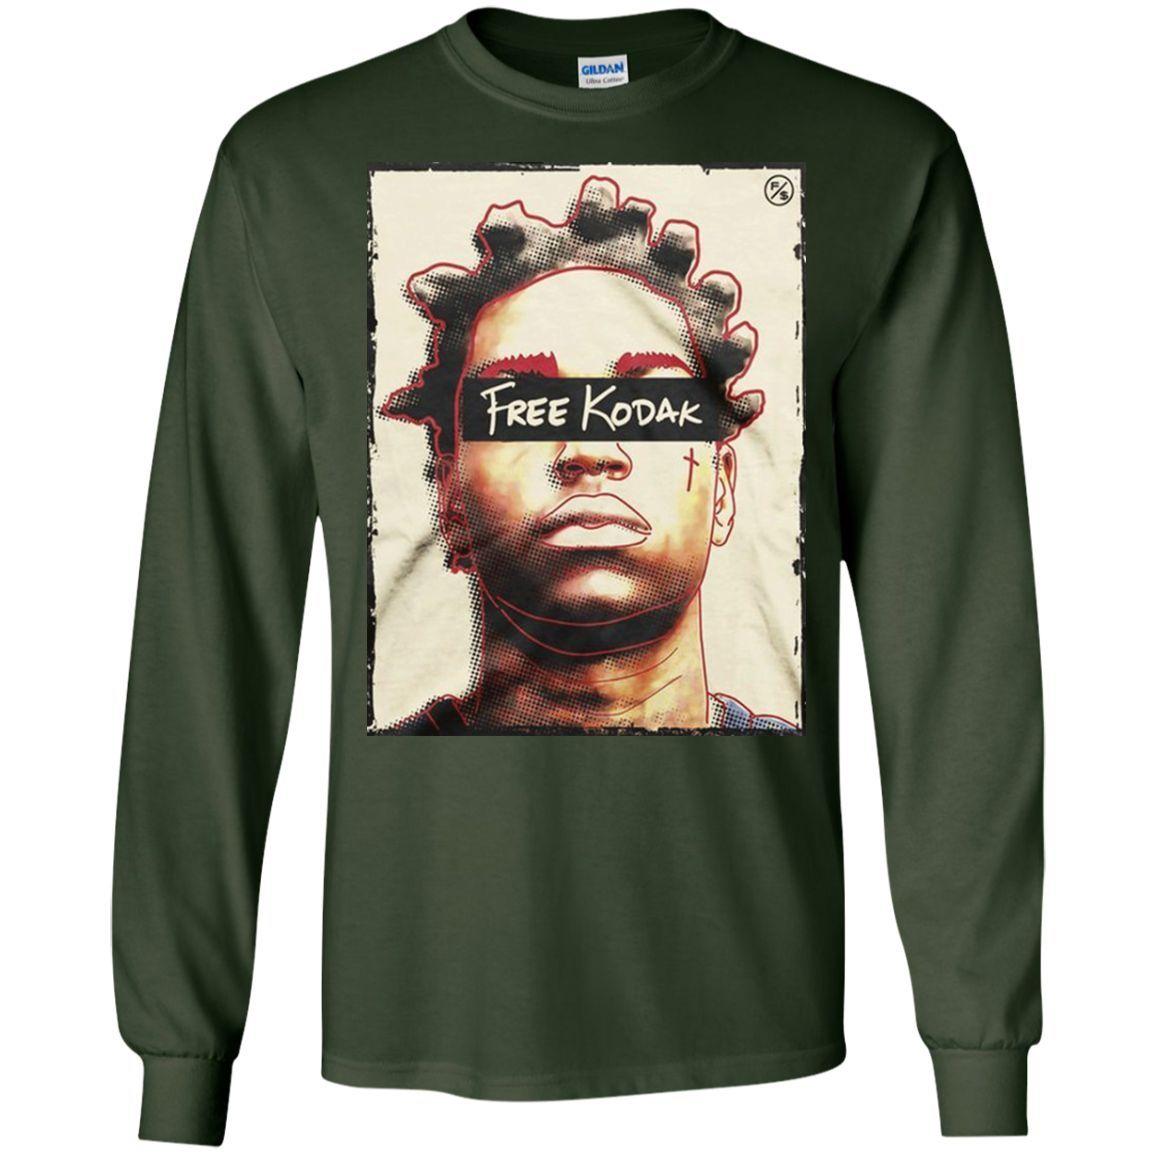 37b4f79f6 free-kodak-black,-kodak-black LS Ultra Cotton Tshirt   Products ...